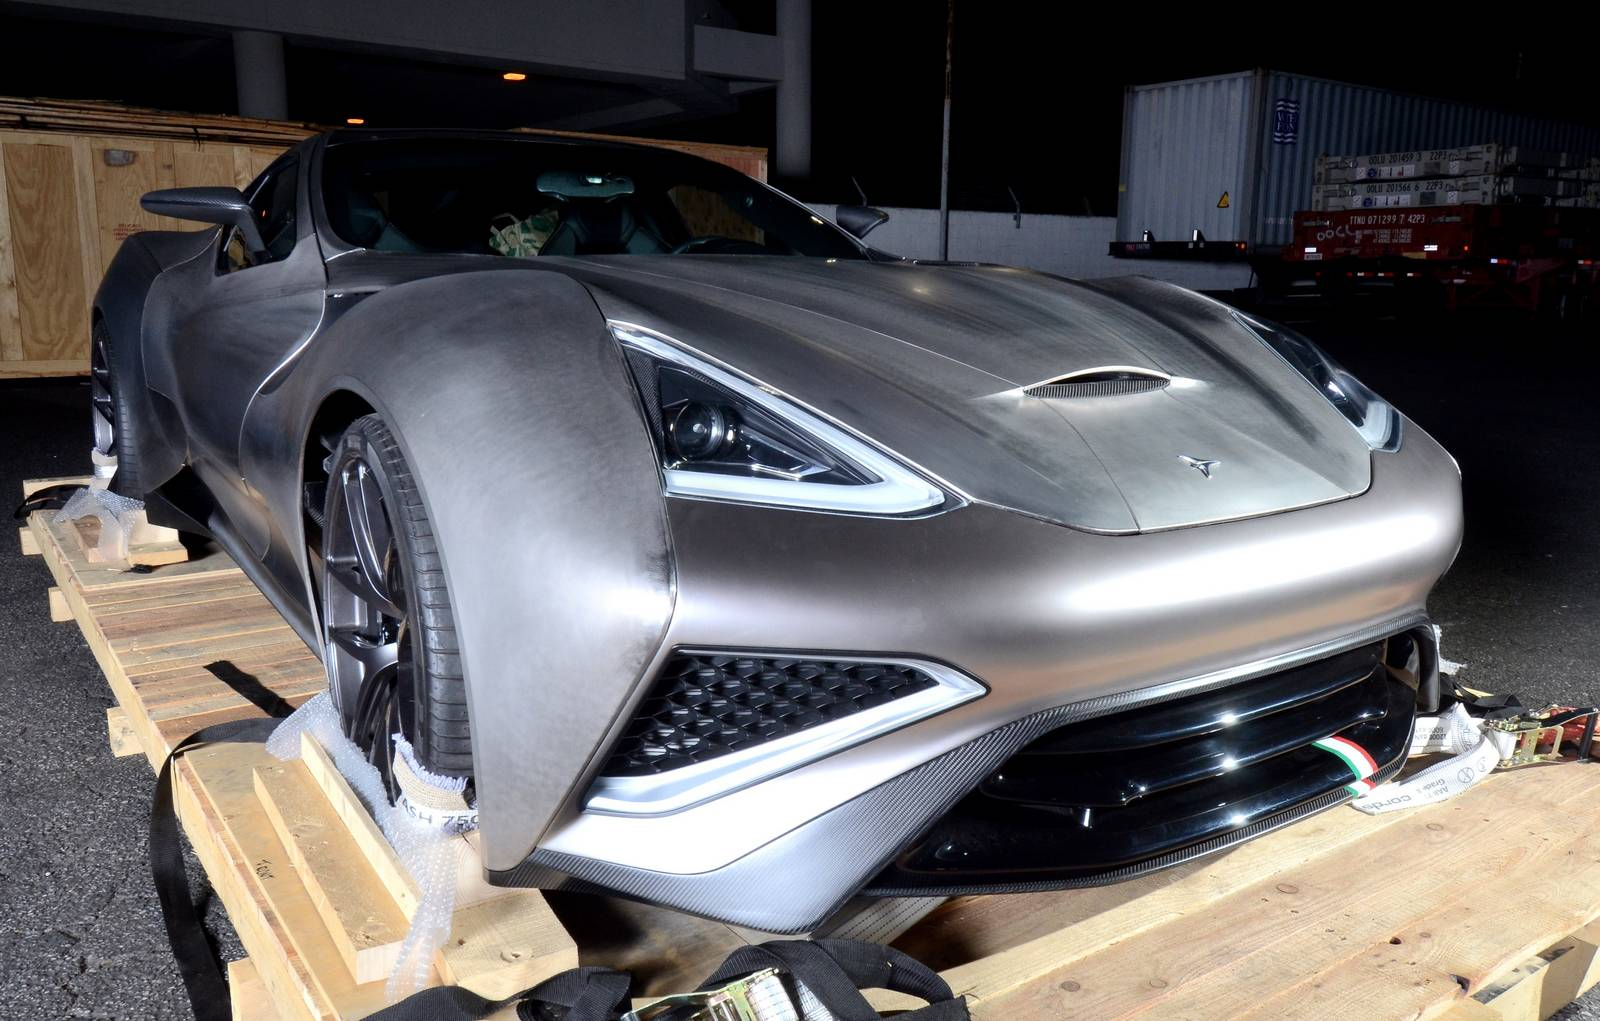 Icona Vulcano: 2,45 millones de euros cuesta el primer coche fabricado en titanio del mundo 3